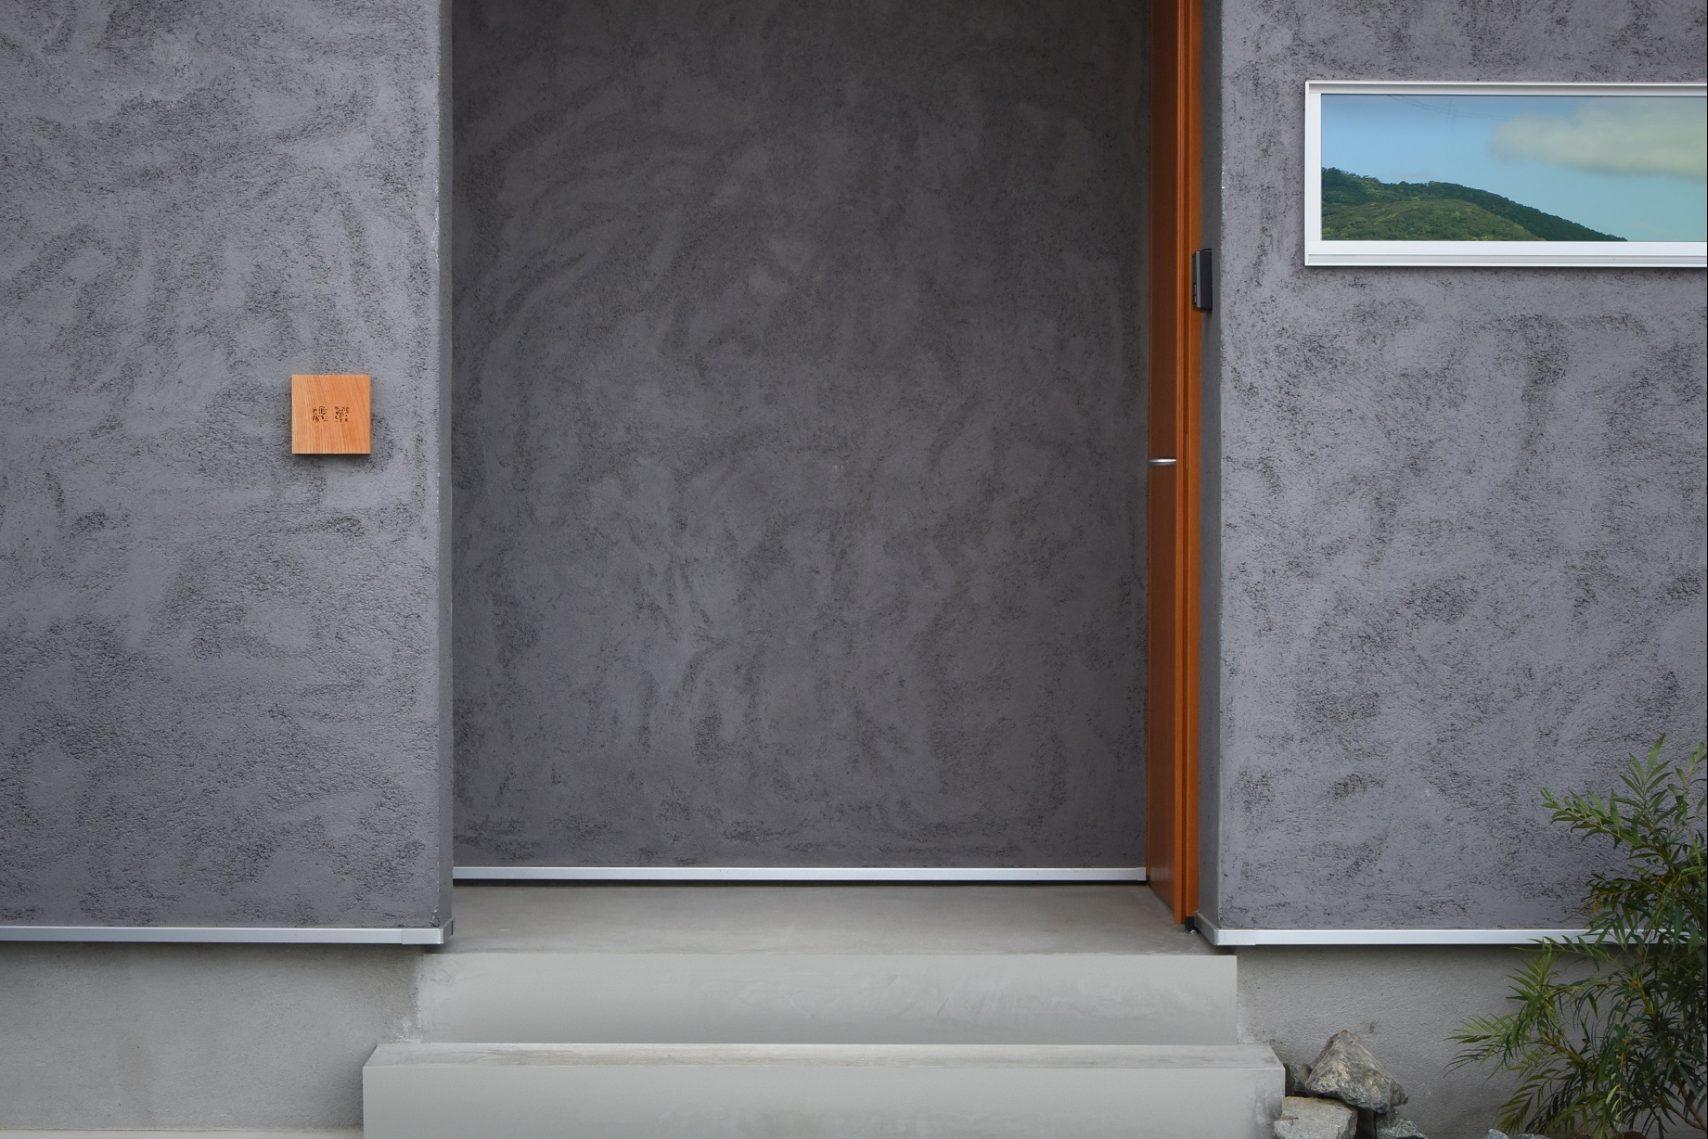 滴水(たるみず)の住宅:グレーのシラス壁は特徴的な仕上方です。木製の玄関ドアと杉の軒天がとても合います。